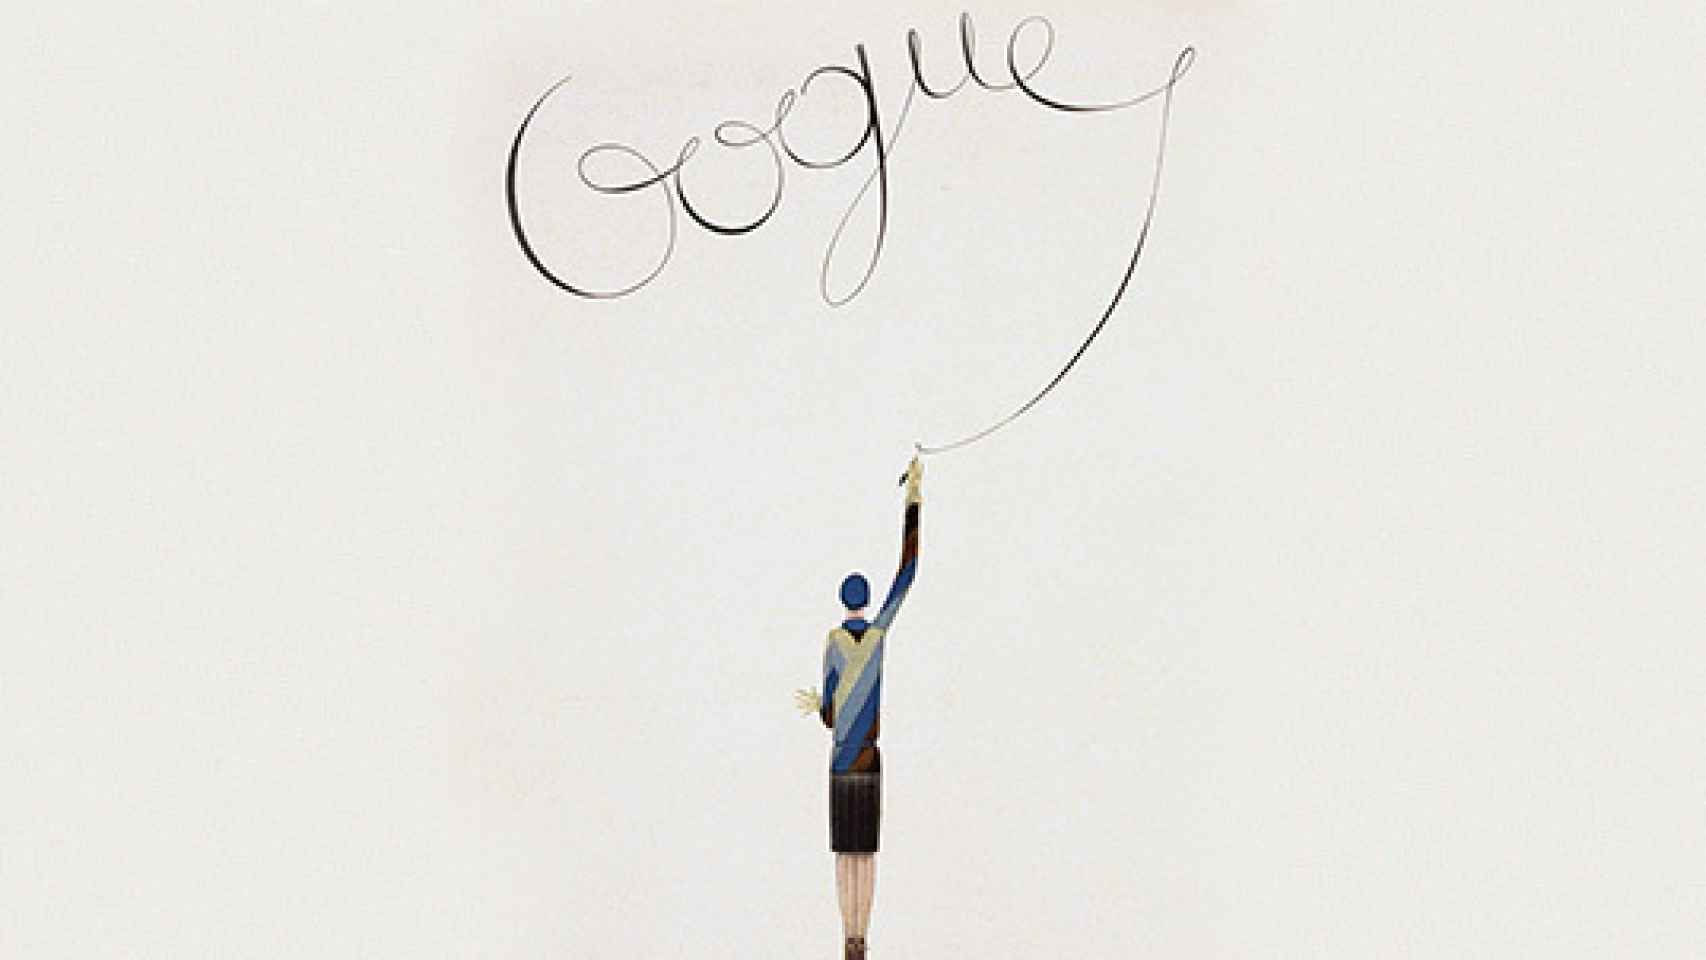 GEORGE LEPAPE (1887-1971) fue uno de los ilustradores franceses más relevantes de las primeras décadas del siglo XX. Sus ilustraciones destacan por siluetas femeninas con delgadas y largas extremidades, siempre con turbantes. Colaboró con la prestigiosa revista Gazette du Bon Ton y realizó numerosas portadas para Harper's Bazaar, Vanity Fair y la primera edición británica de Vogue y Vogue USA, para la que realizó hasta más de 100 portadas entre 1916 y 1939. También creó numerosos bocetos para algunas de las casas de moda más importantes como Lanvin, Worth y Doucet. | Ilustración para Vogue.